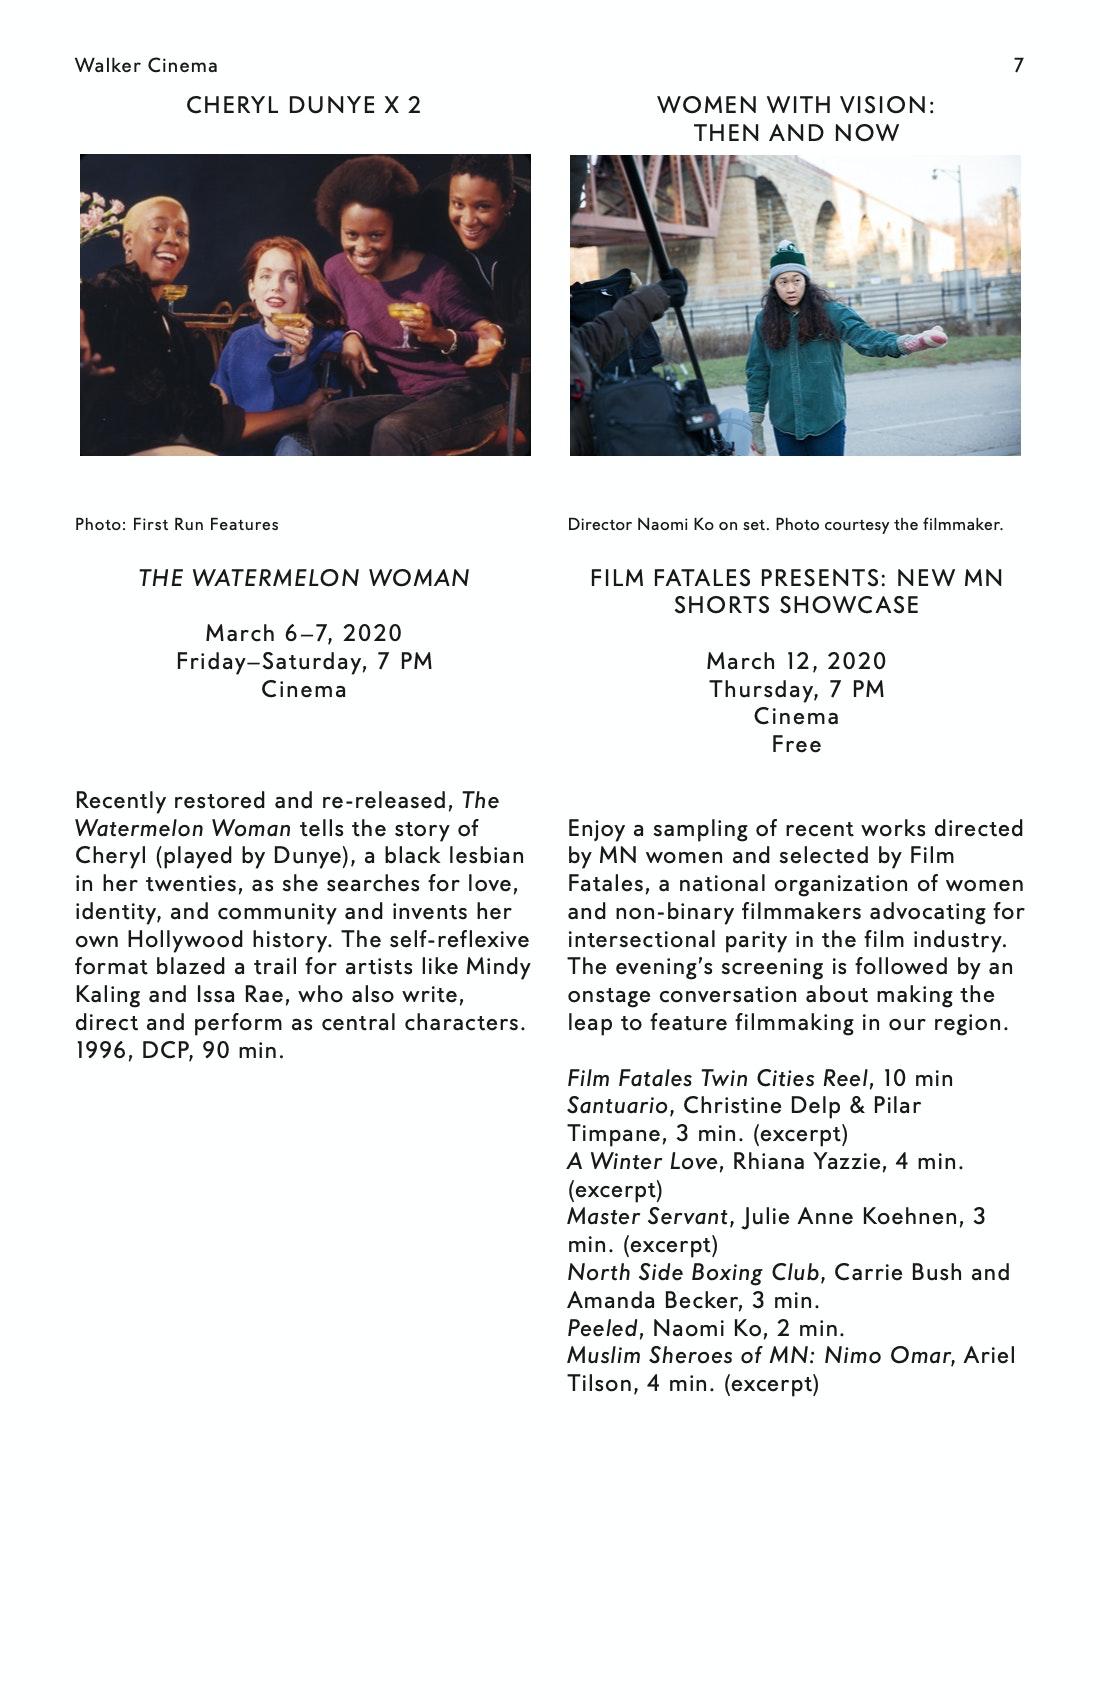 Julia Reichert Dialogue event brochure page 7